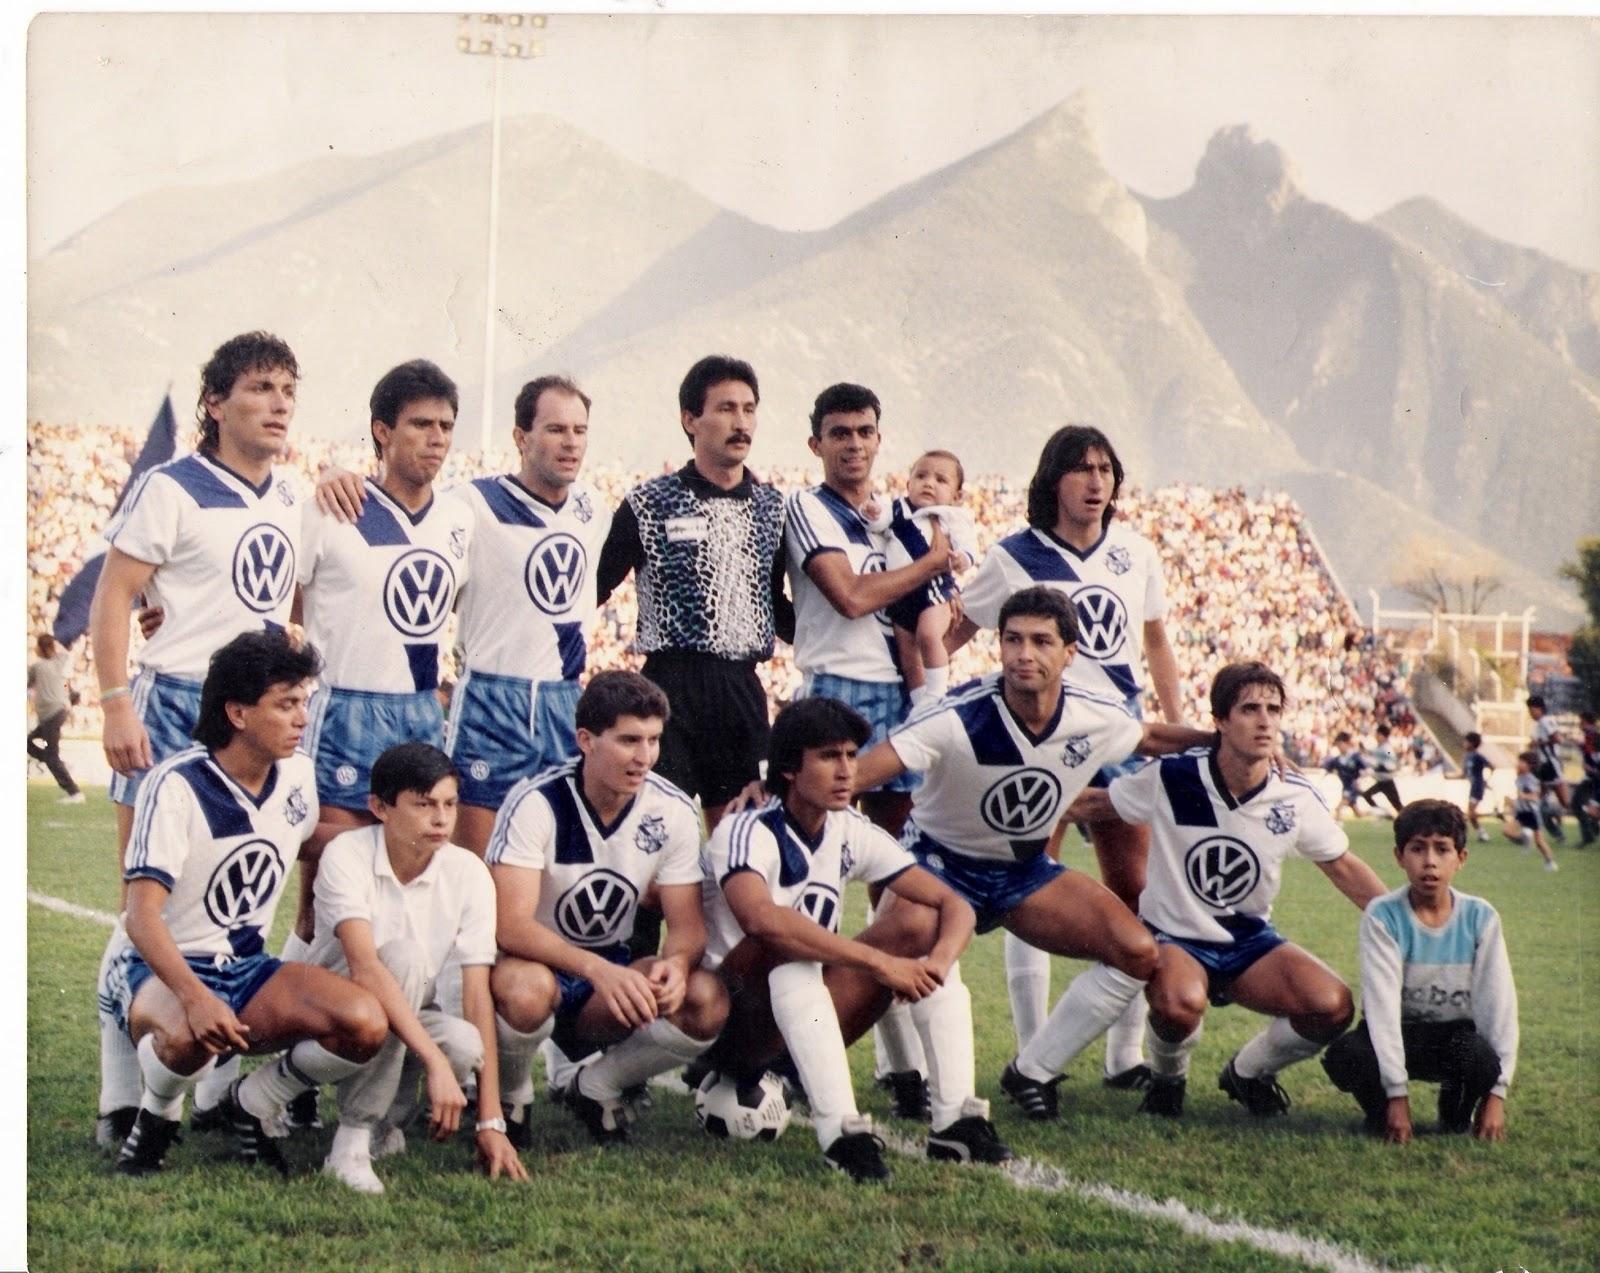 Equipo del club Puebla